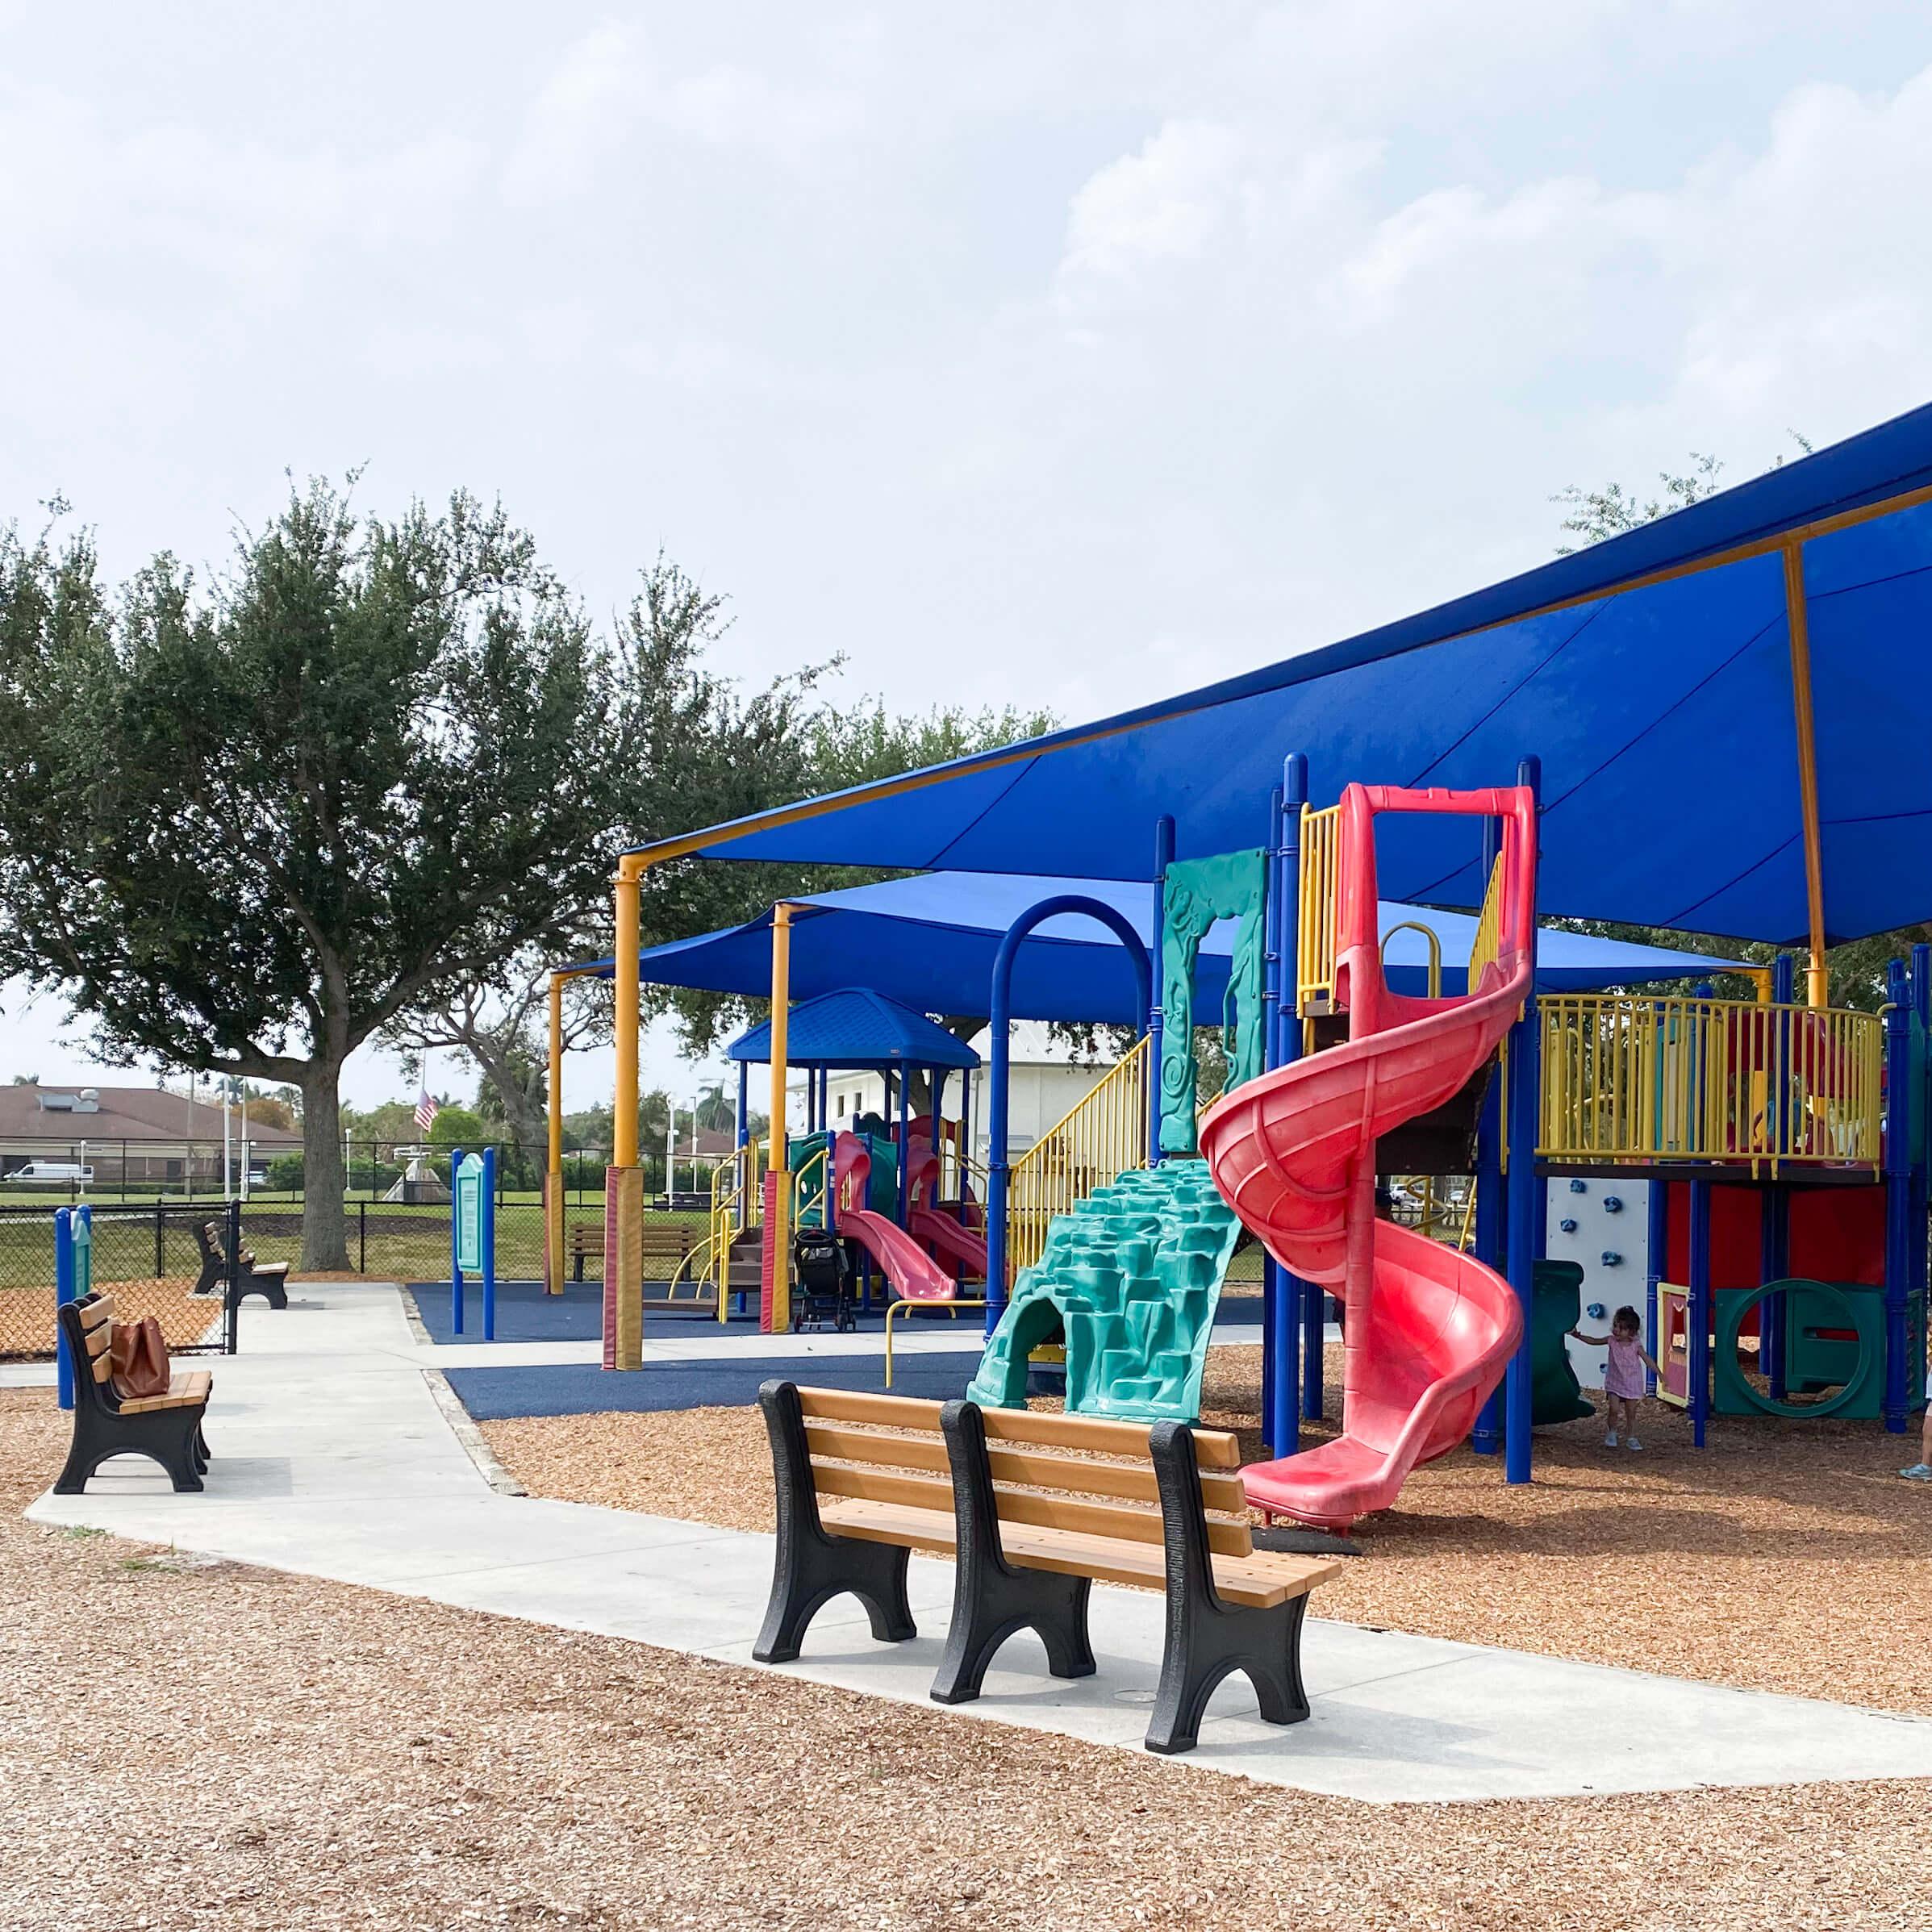 Fleischmann Park Playground